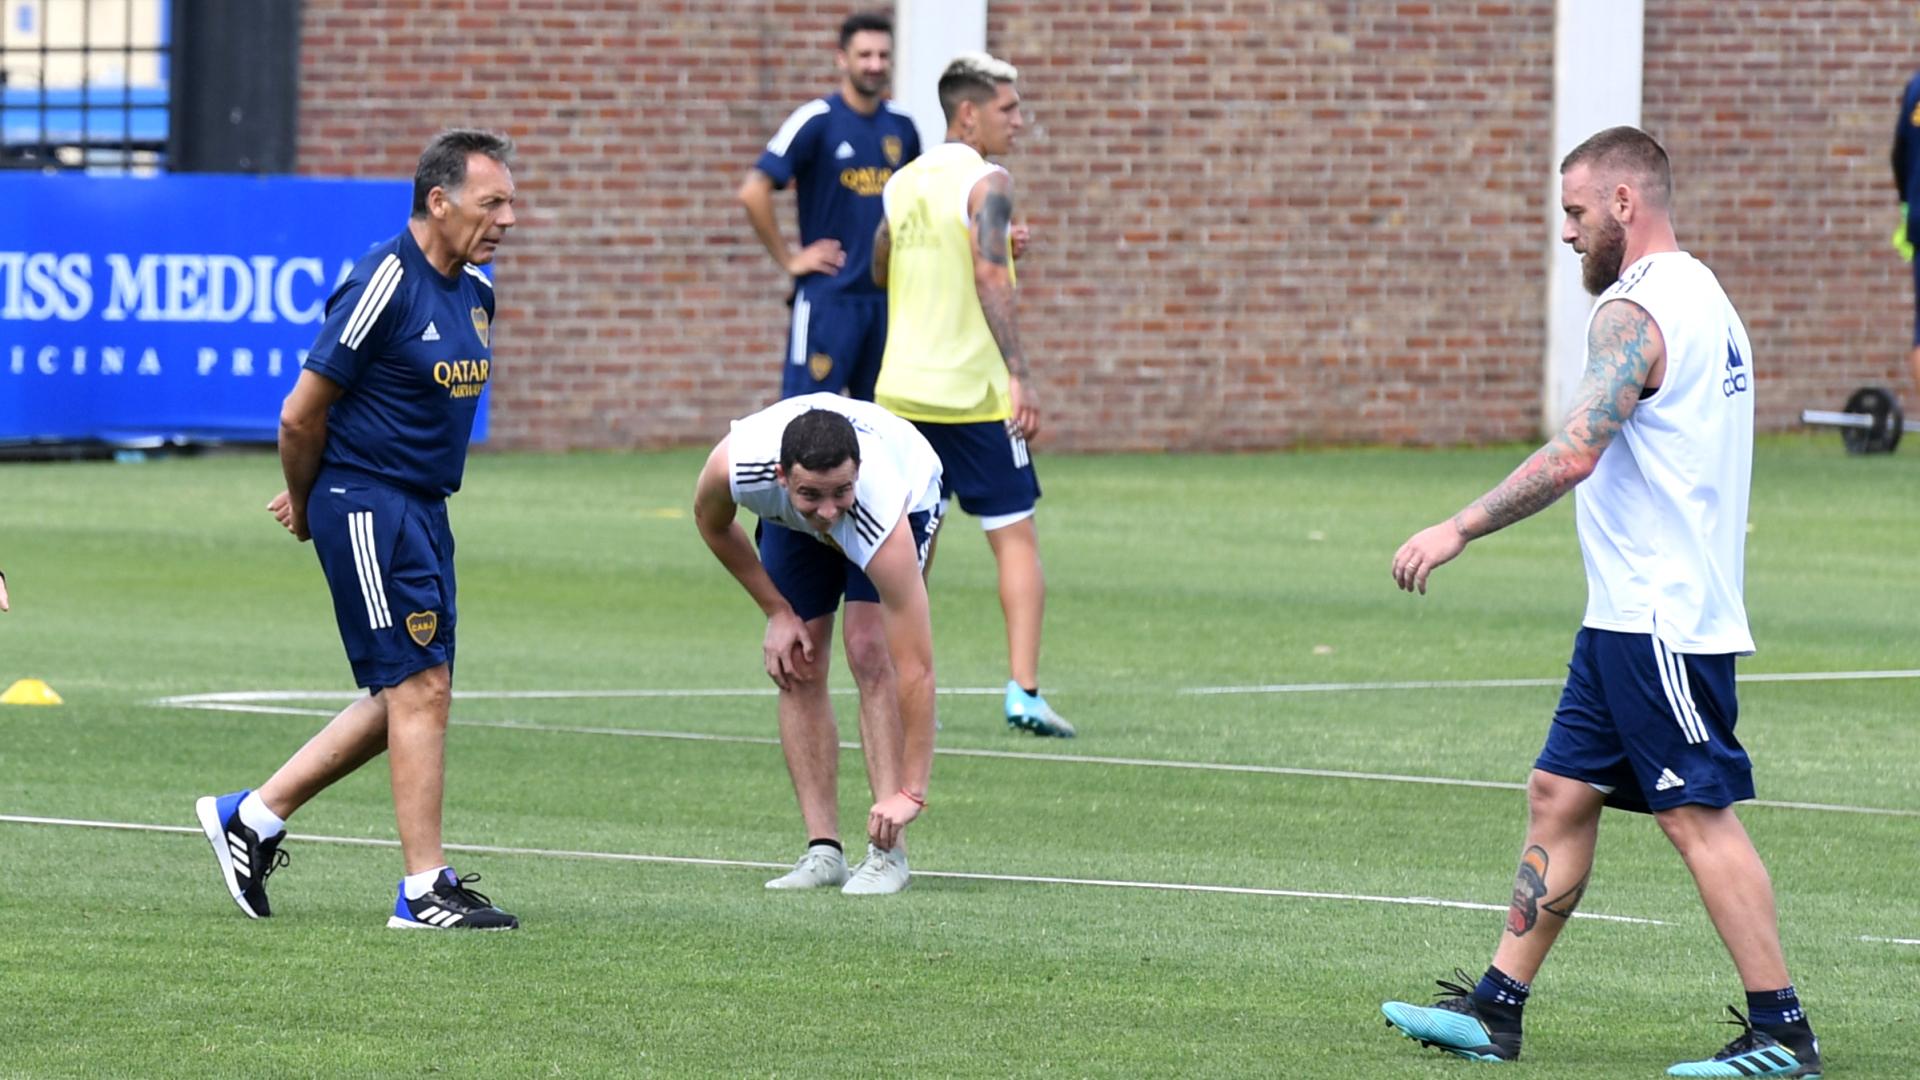 Luego de los estudios, saltaron al campo de juego para realizar trabajos físicos y movimientos con pelota